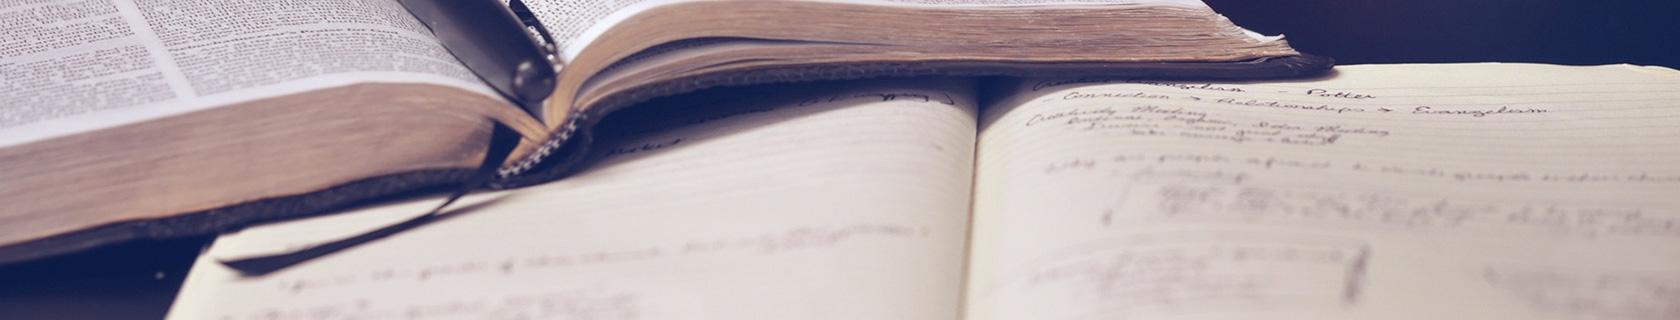 Titelbild: Wissenschaftliche Texte schreiben